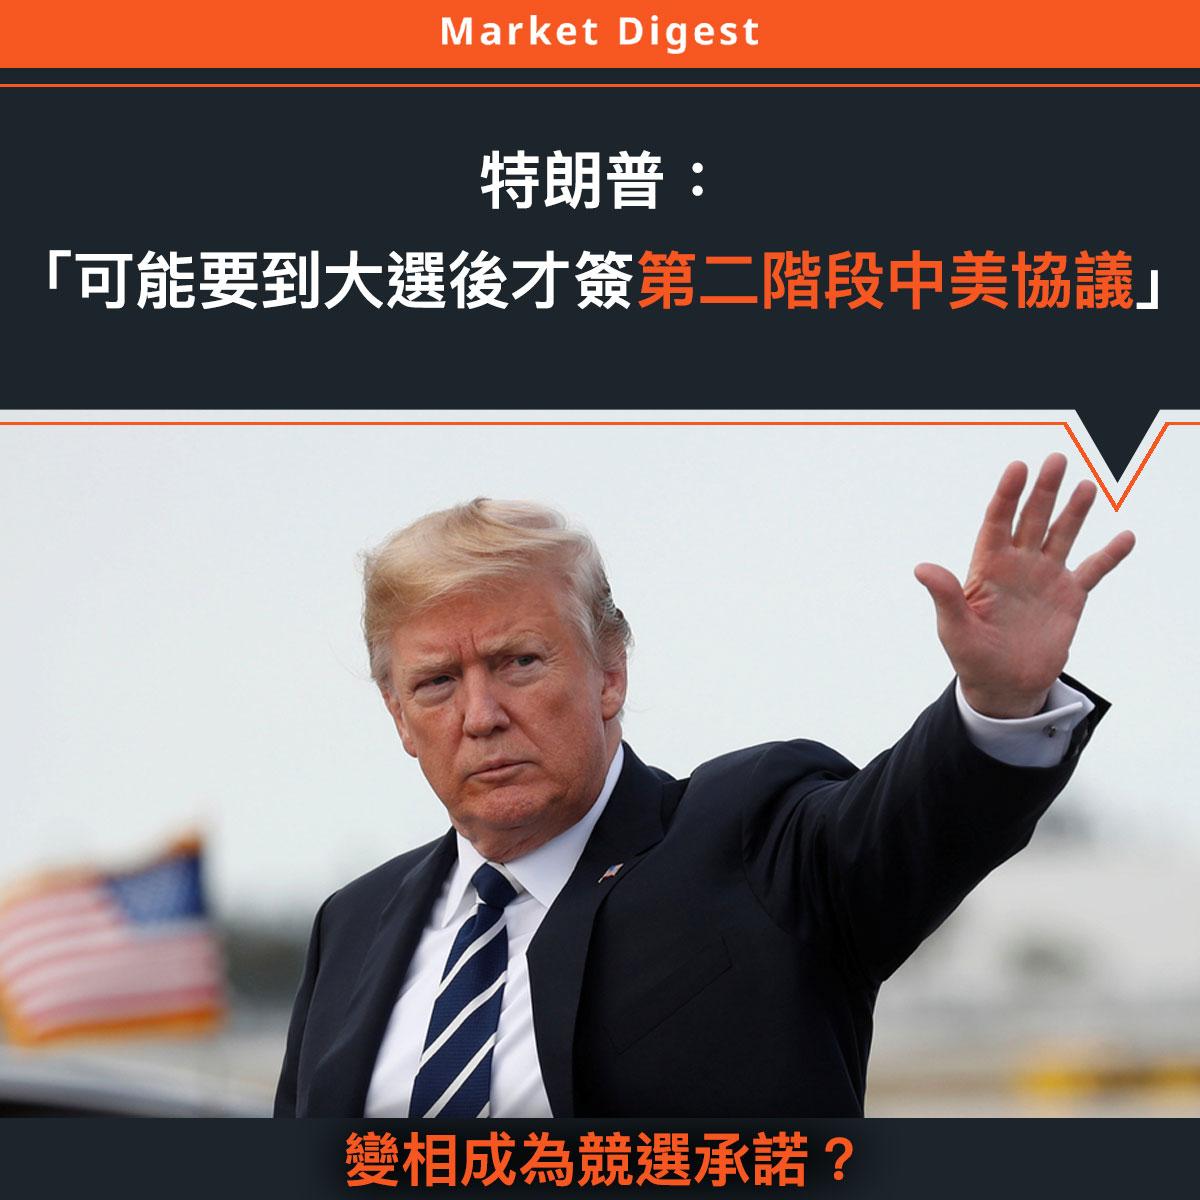 【中美貿易戰】特朗普:「可能要到大選後才簽第二階段中美協議」